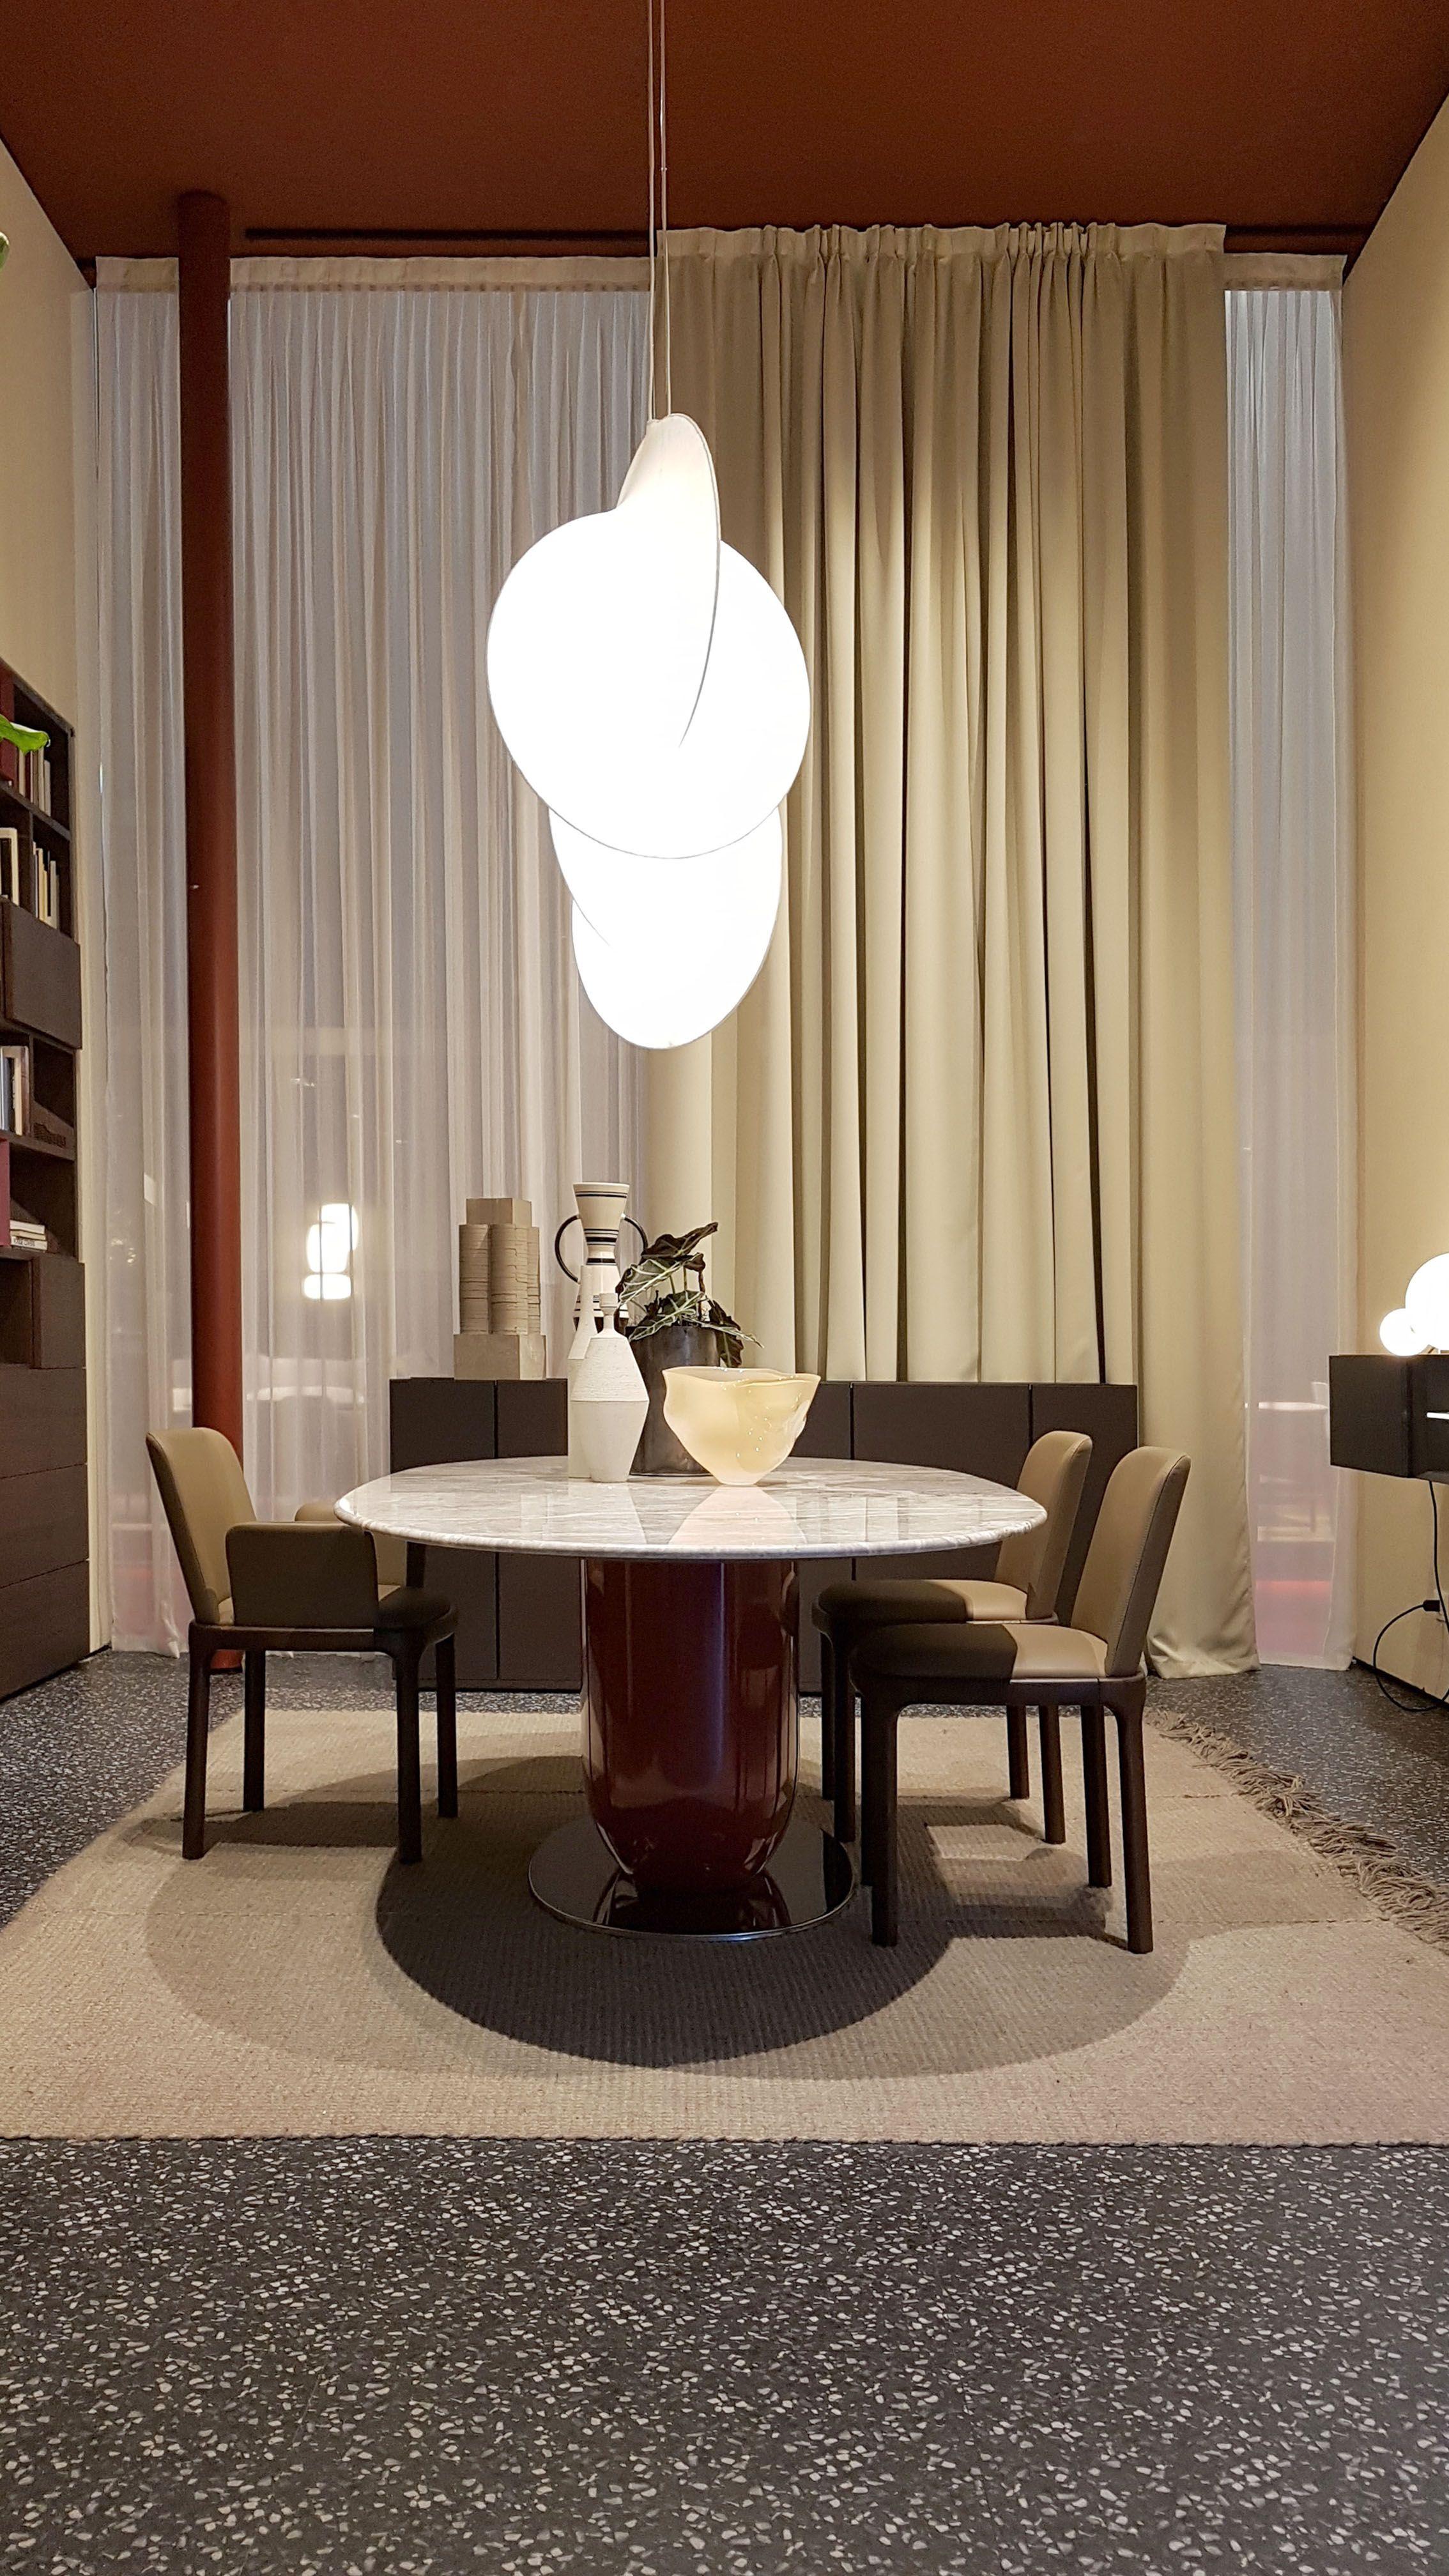 Ettore Table Design Calvi Brambilla Inari Chairs Design Philippe Tabet Salone Del Mobile Milano 2019 Pianca W Dining Table Chairs Interior Dining Table